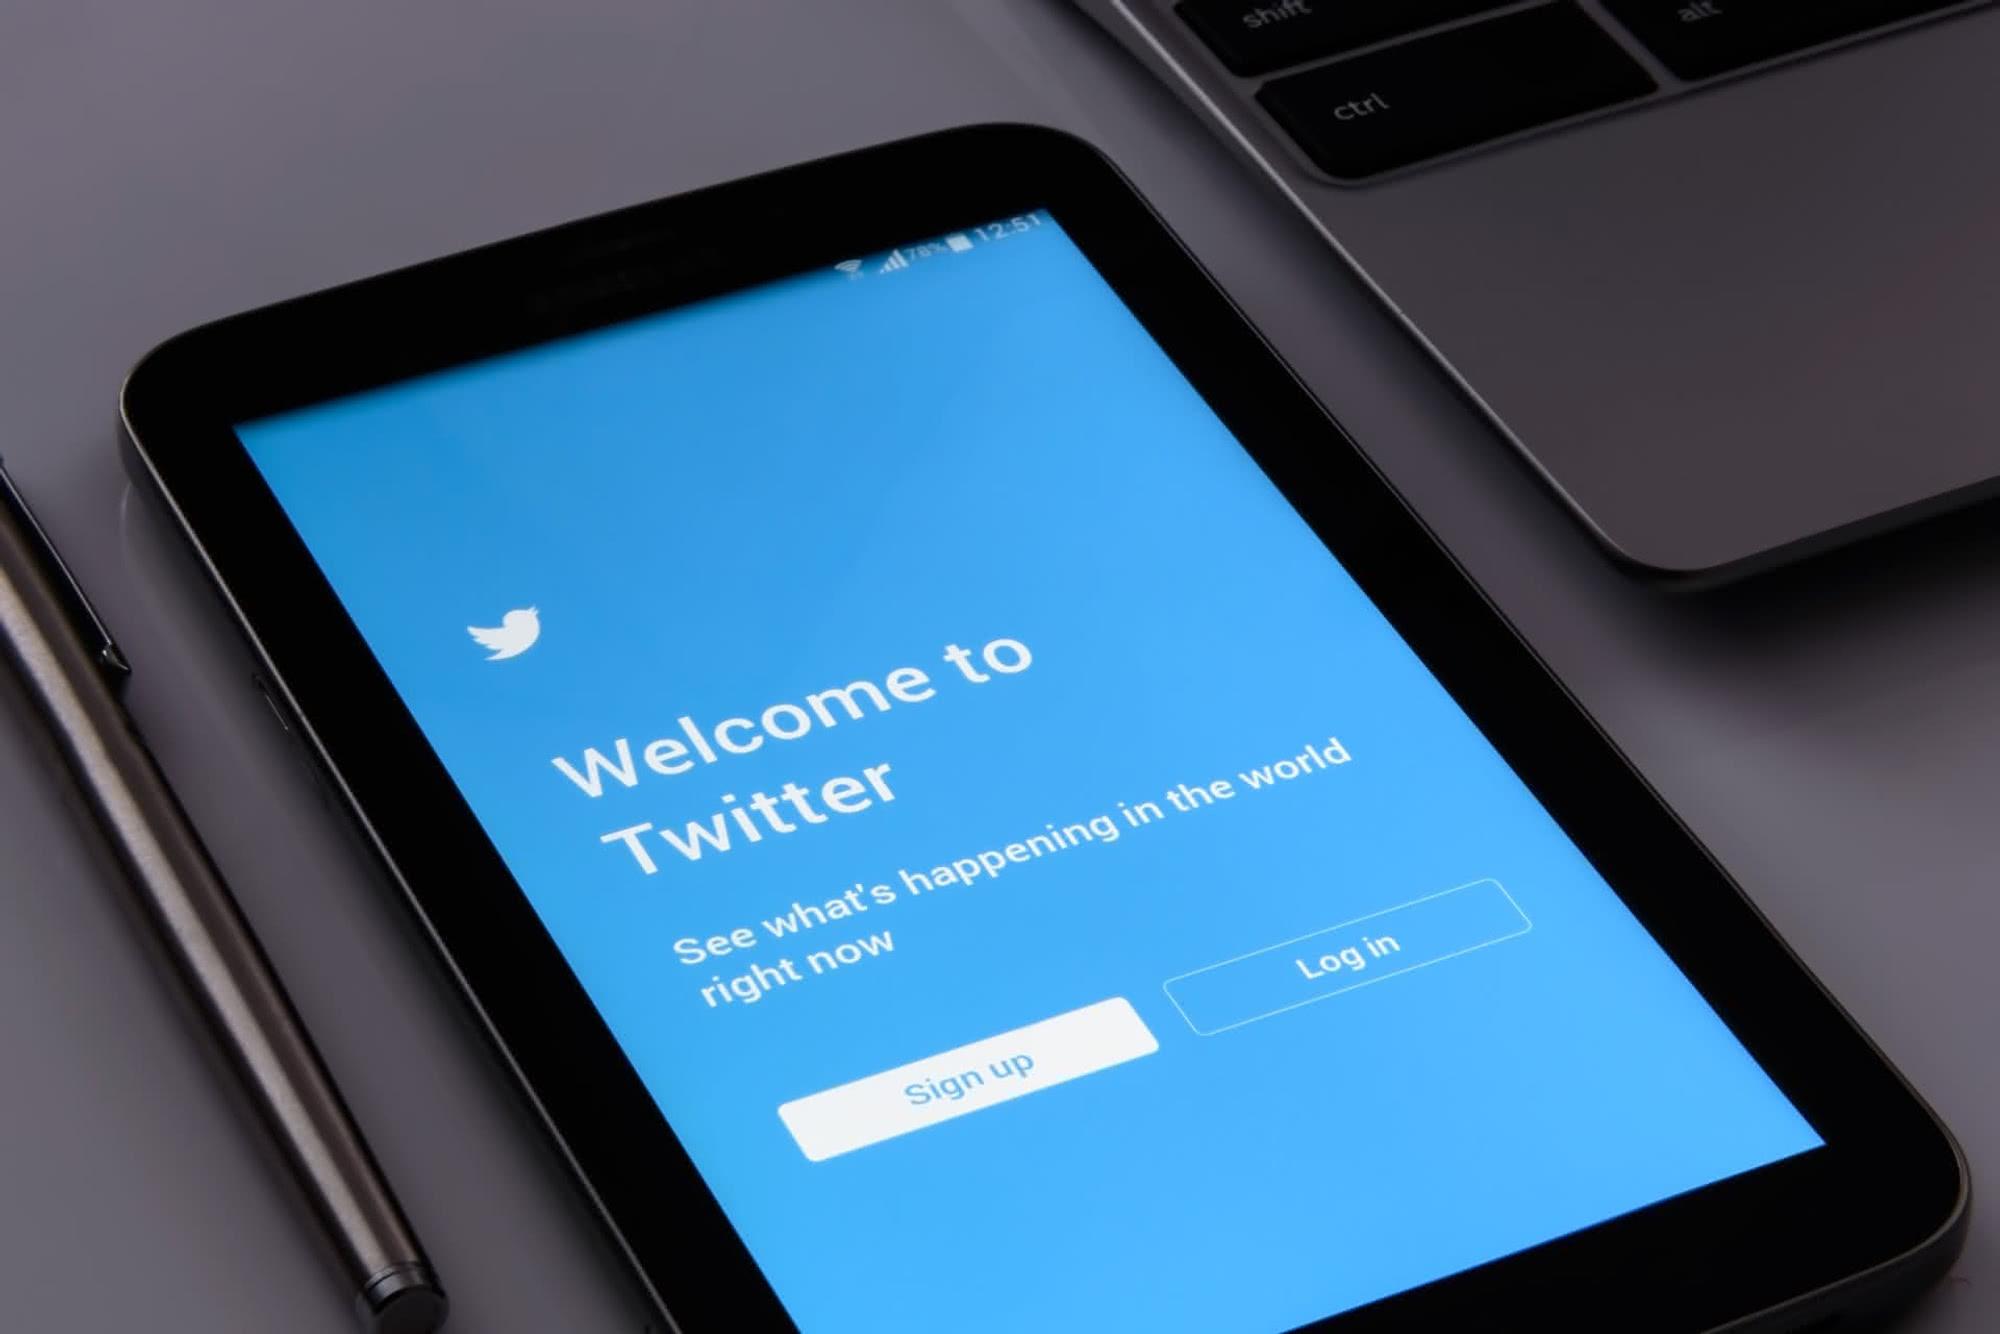 L'Ecosse restreint l'accès aux voyageurs Guadeloupéens, Twitter se gausse